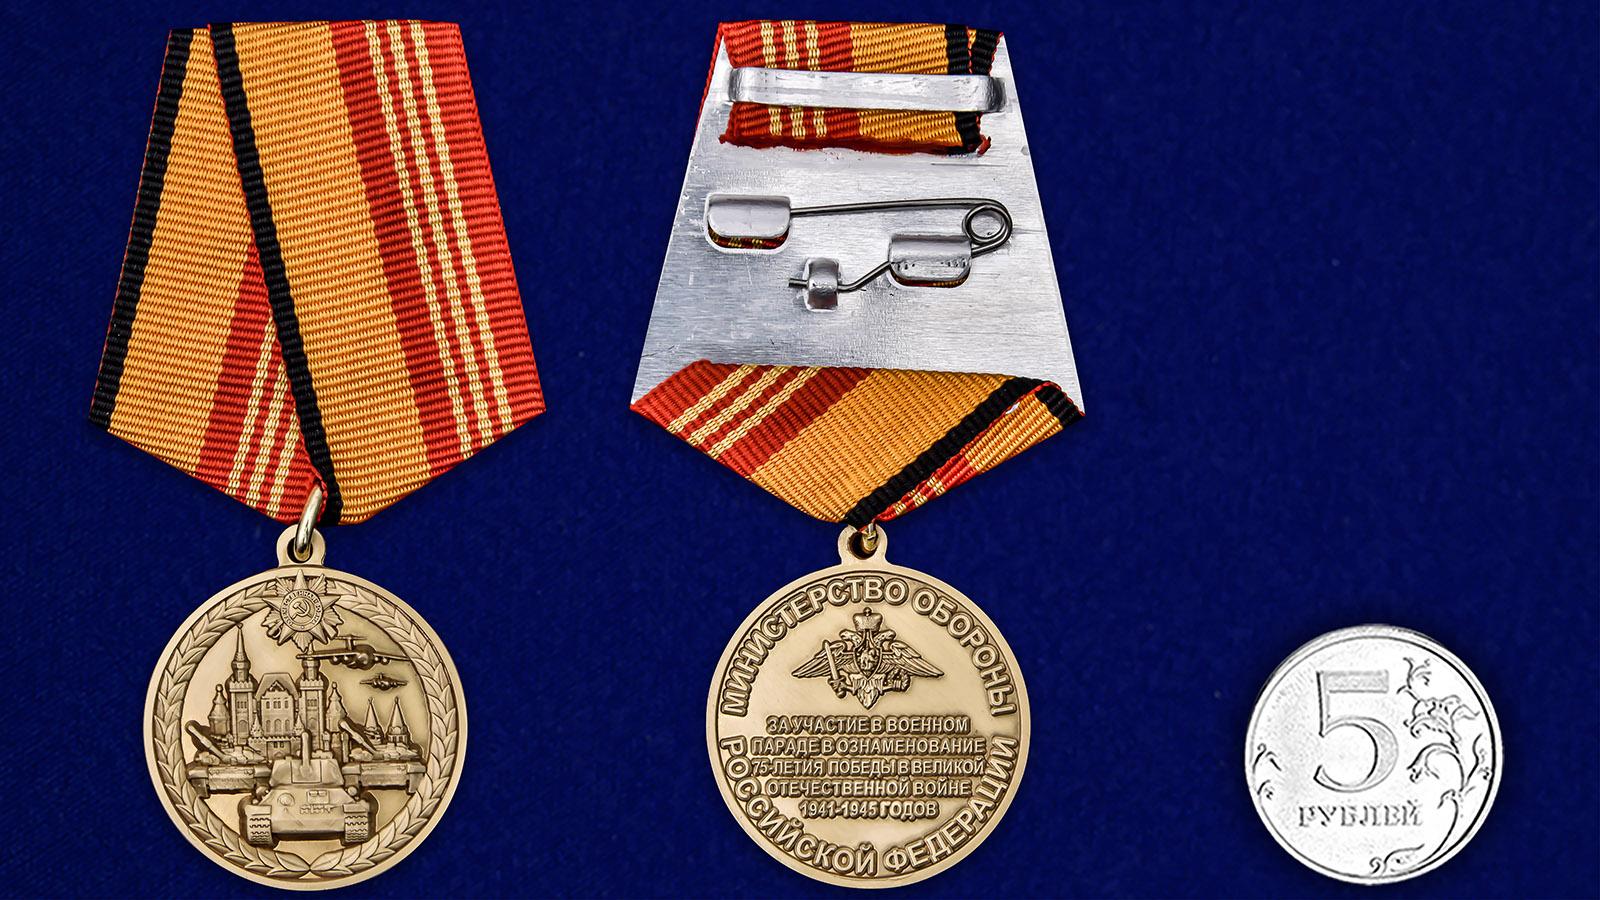 Памятная медаль За участие в военном параде в ознаменование 75-летия Победы в ВОВ - сравнительный вид